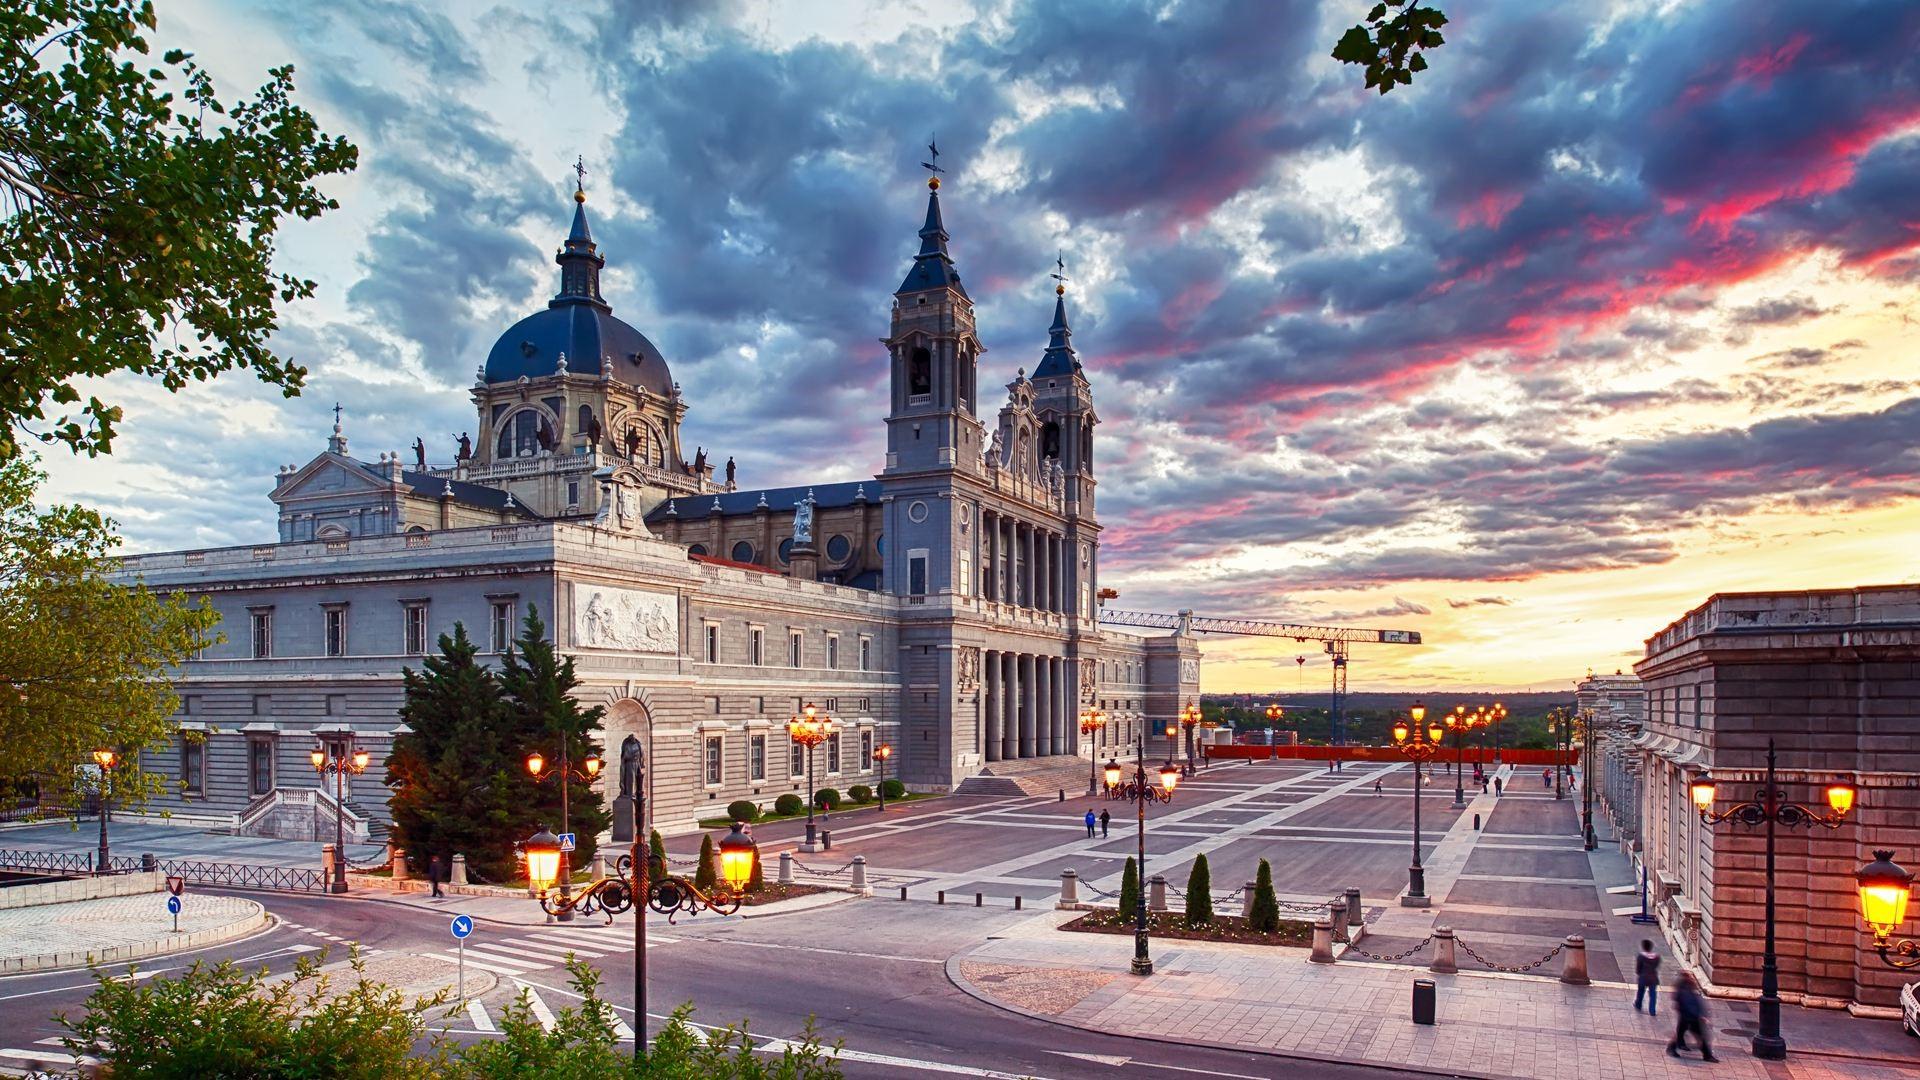 Historia y compras, de la mano por Madrid